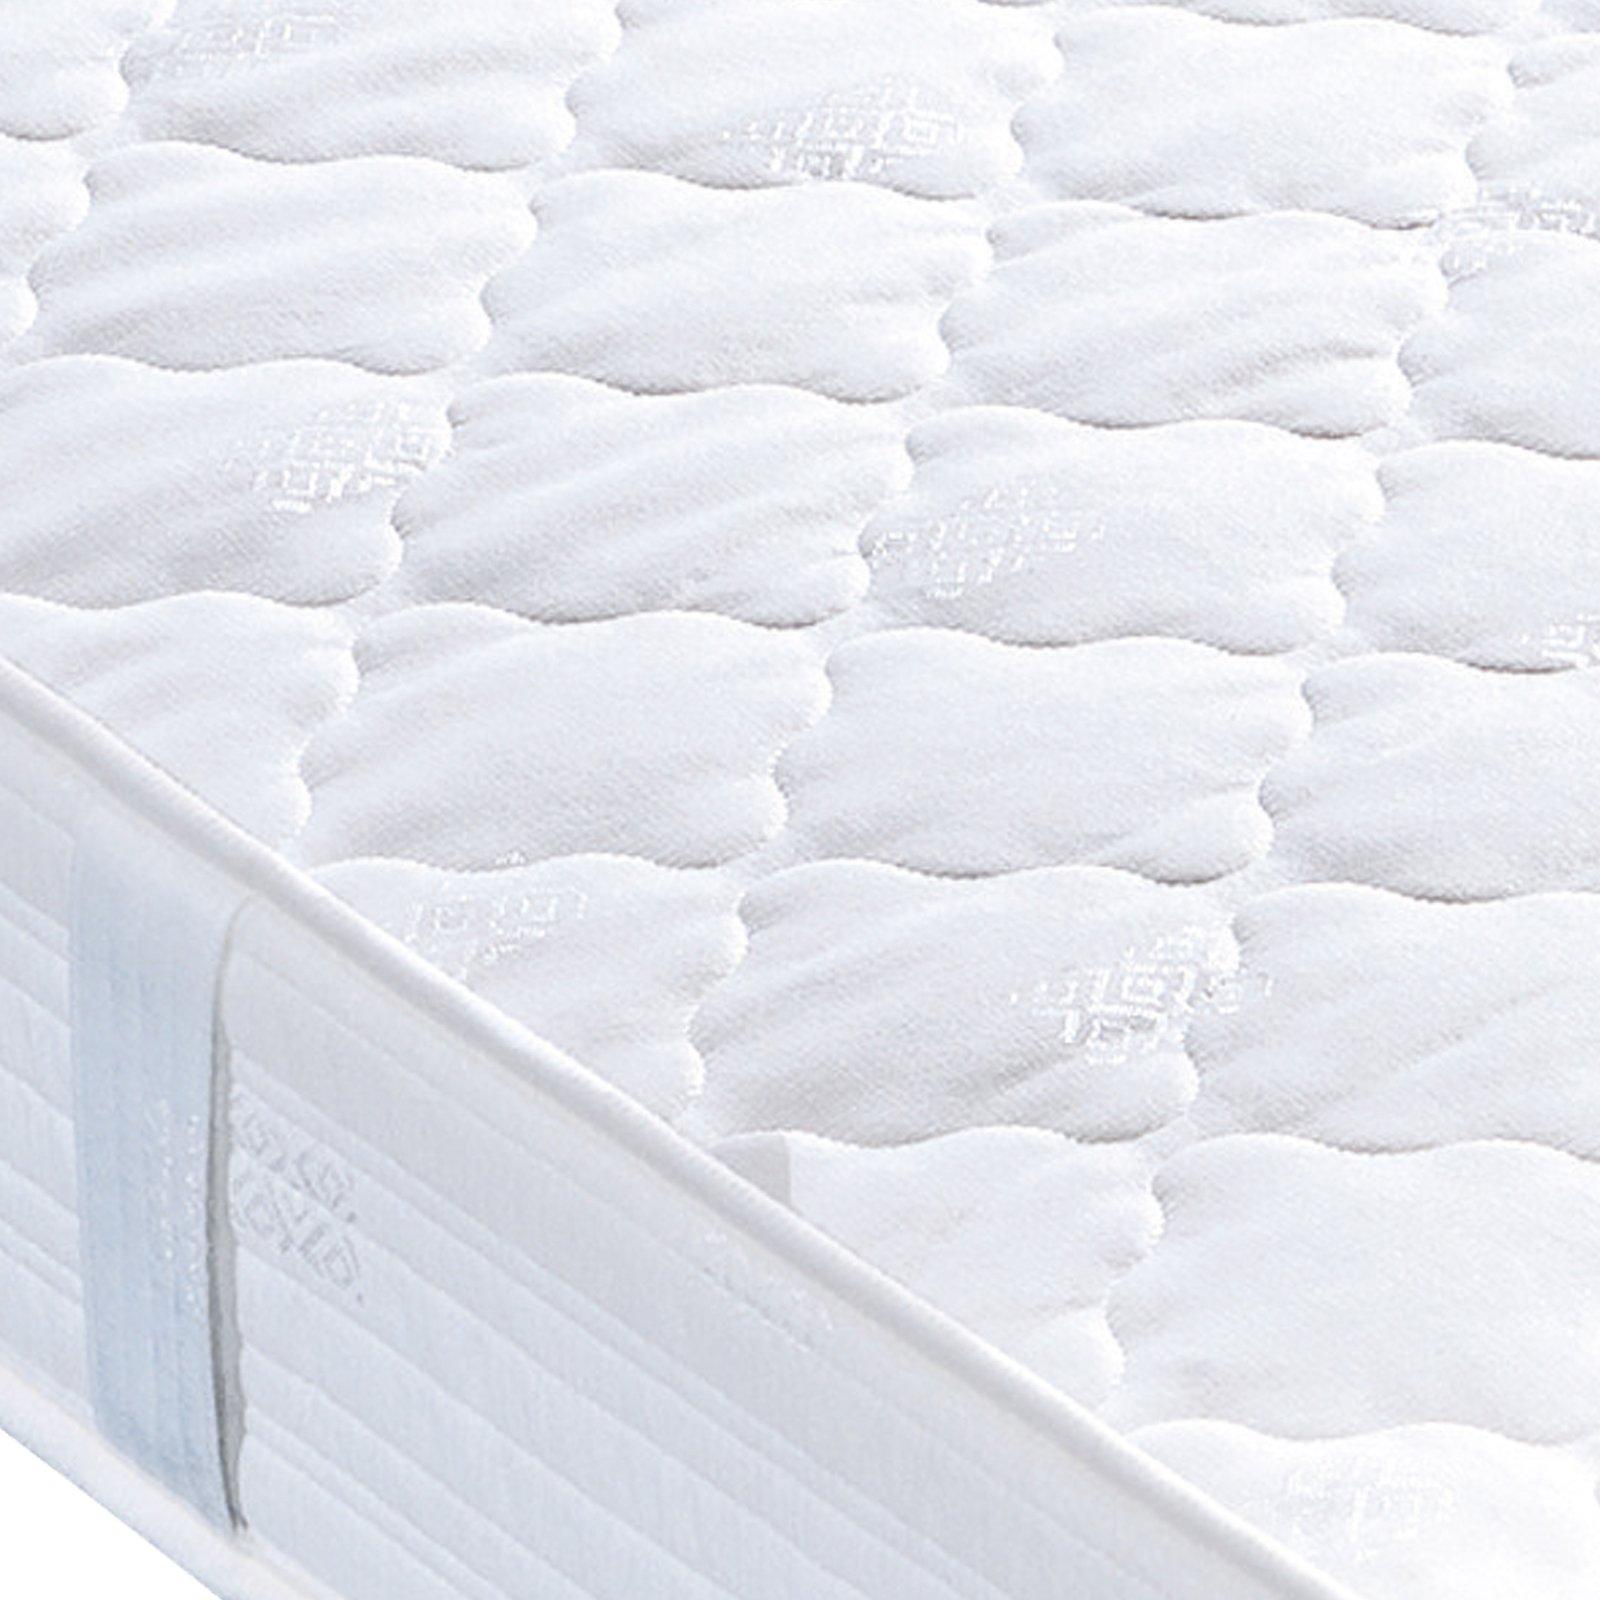 matratze 140x200 federkern elegant matras x elegant neu lidl matratze foto fotos of matras with. Black Bedroom Furniture Sets. Home Design Ideas